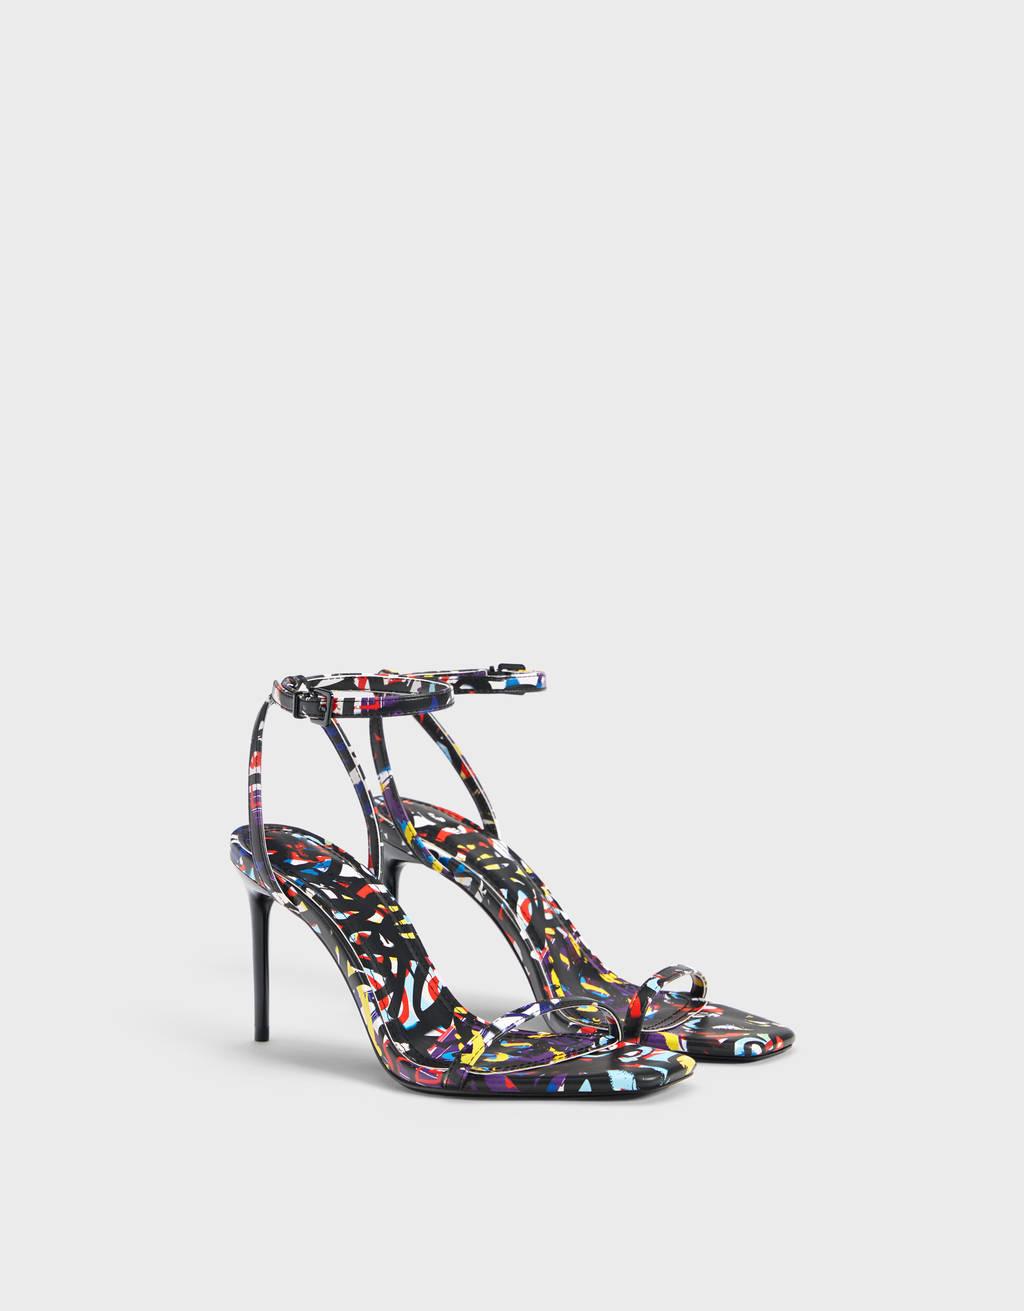 High heel graffiti sandals